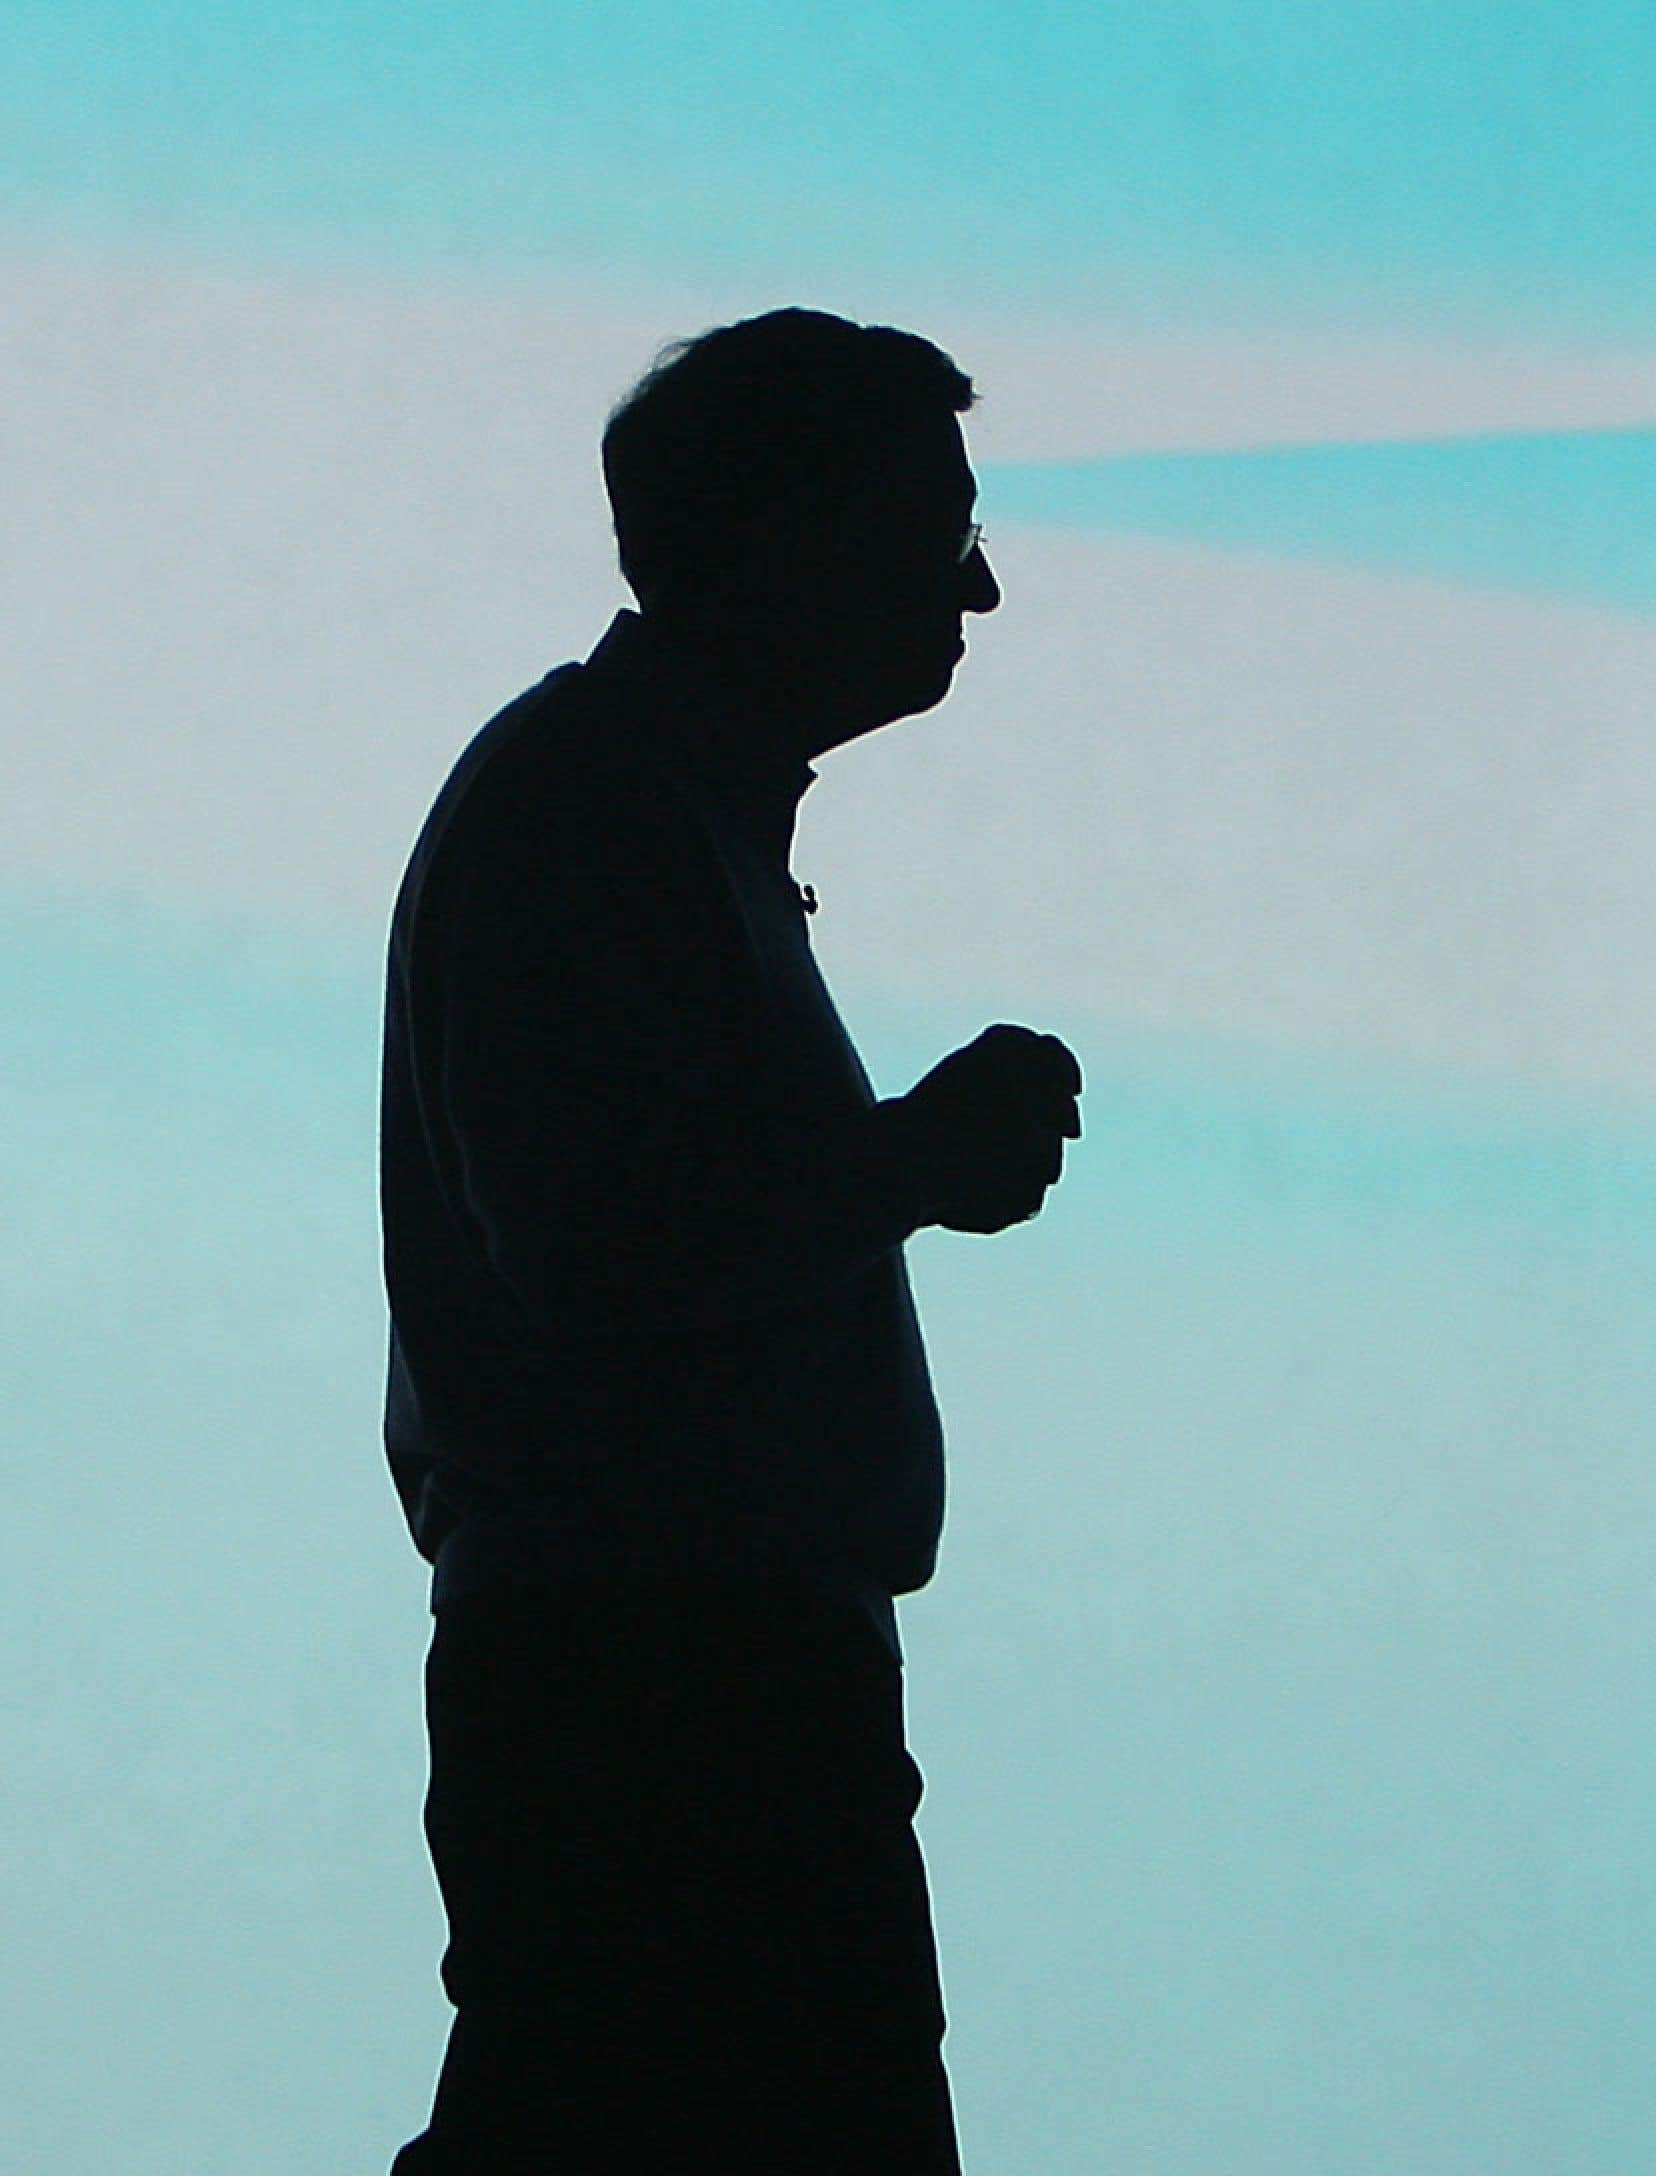 Bill Gates dit qu'il consacrera à Microsoft au moins le tiers de son temps.